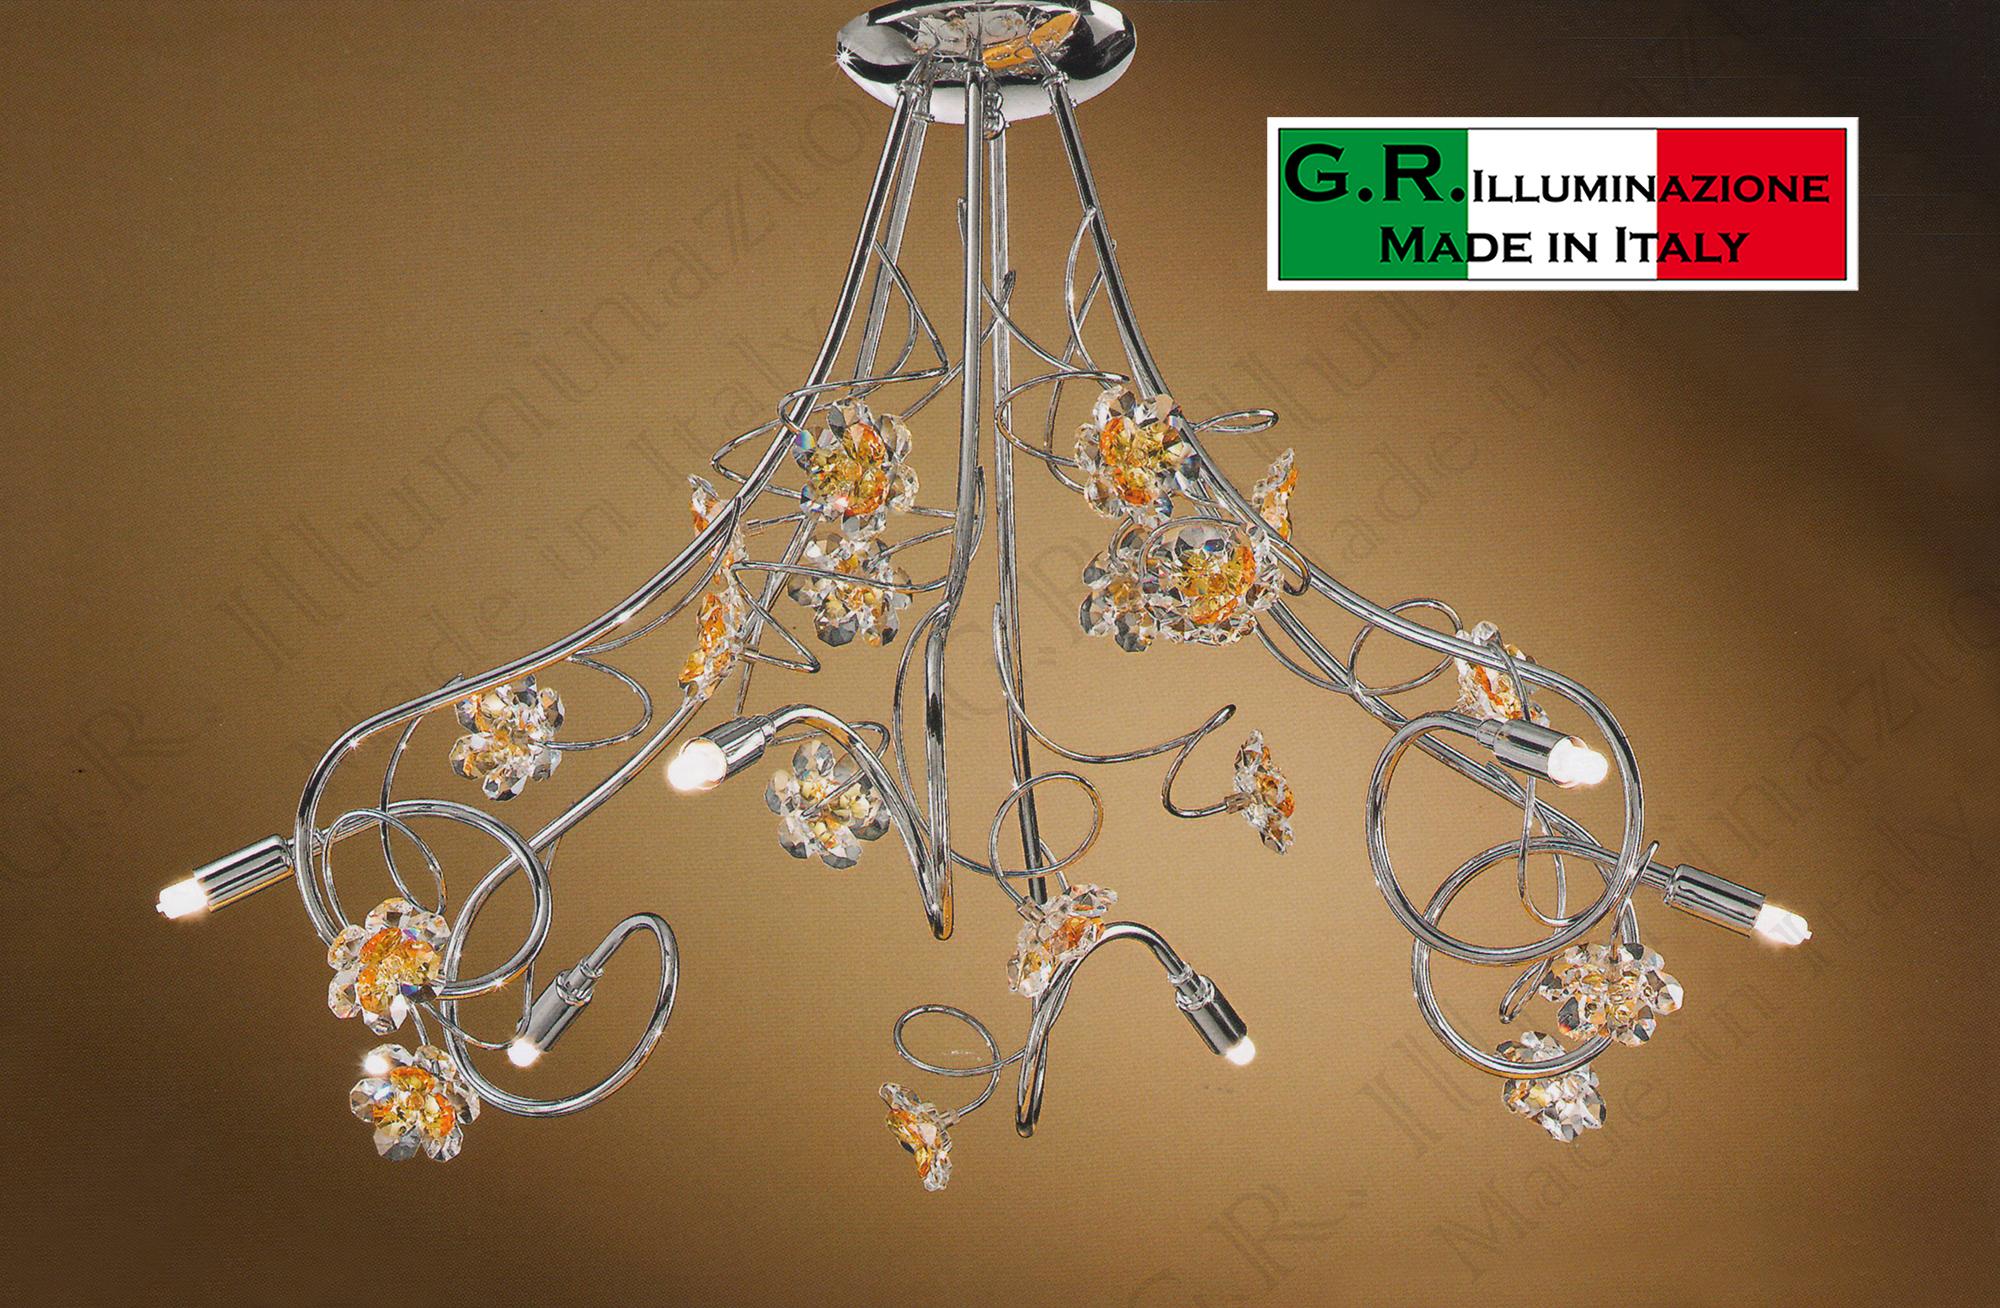 Plafoniera Fiori Cristallo : Lampadario plafoniera soffitto moderno l cromato cristallo